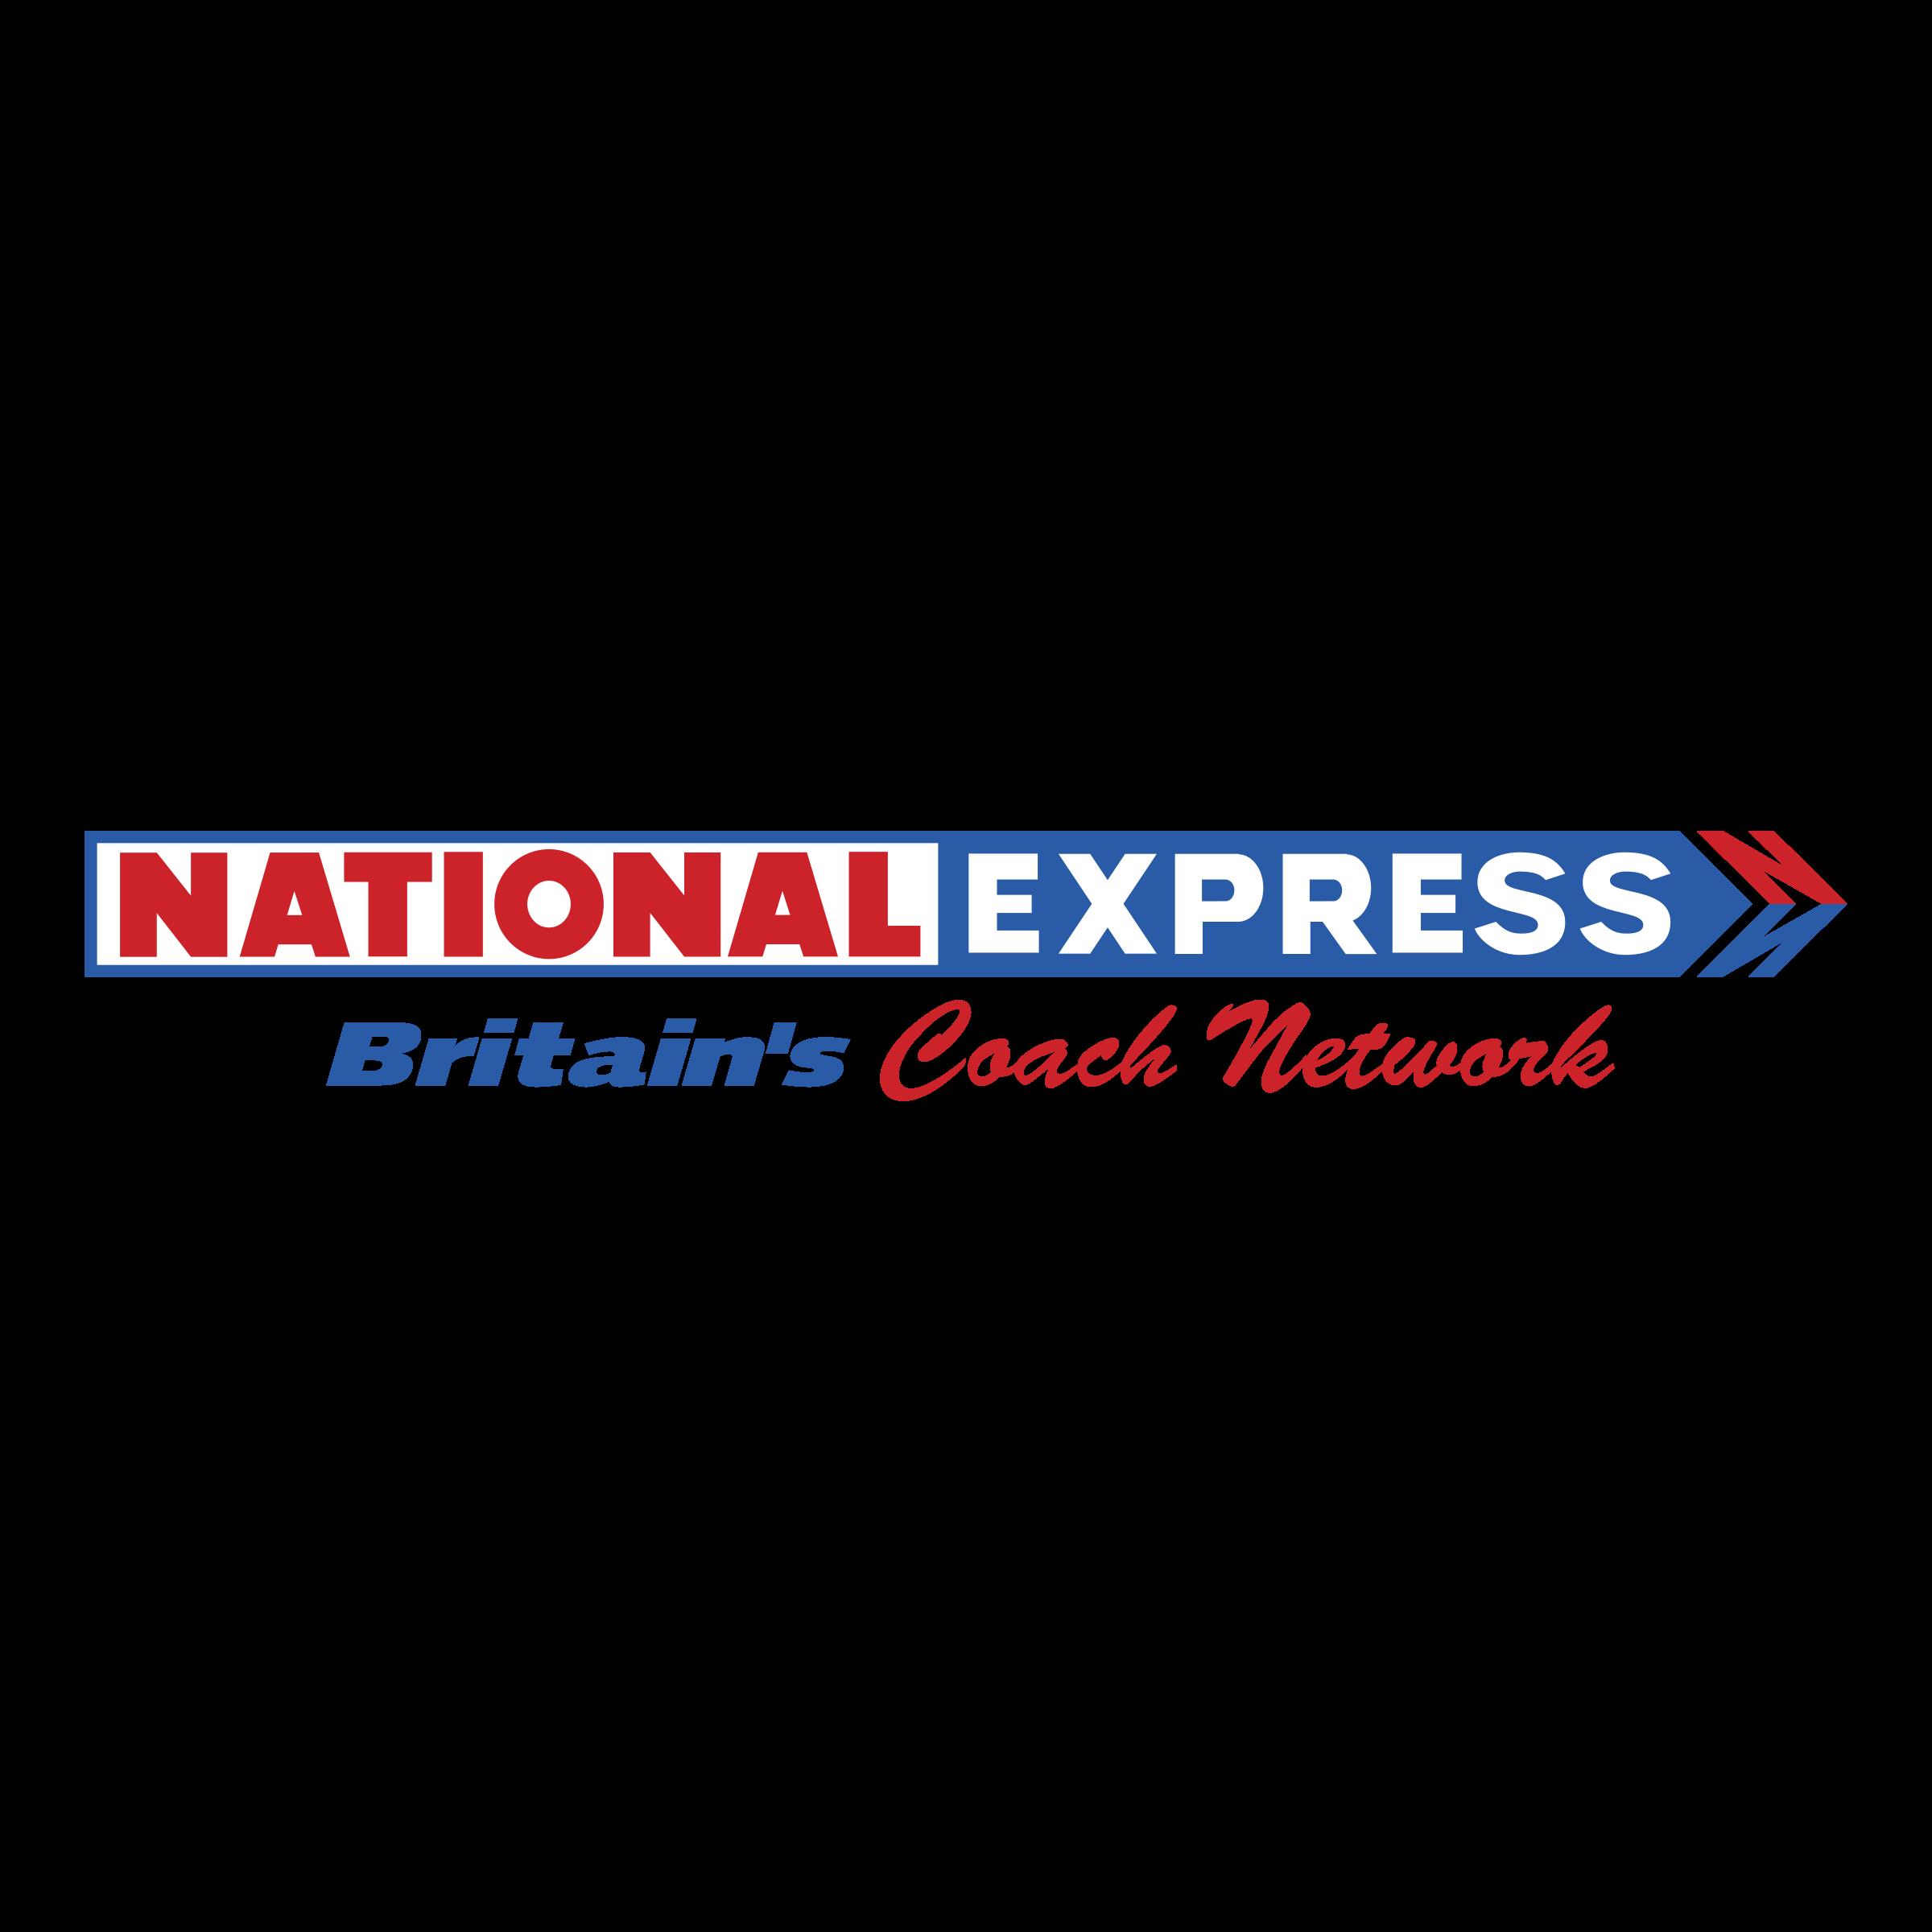 national express logo png transparent amp svg vector